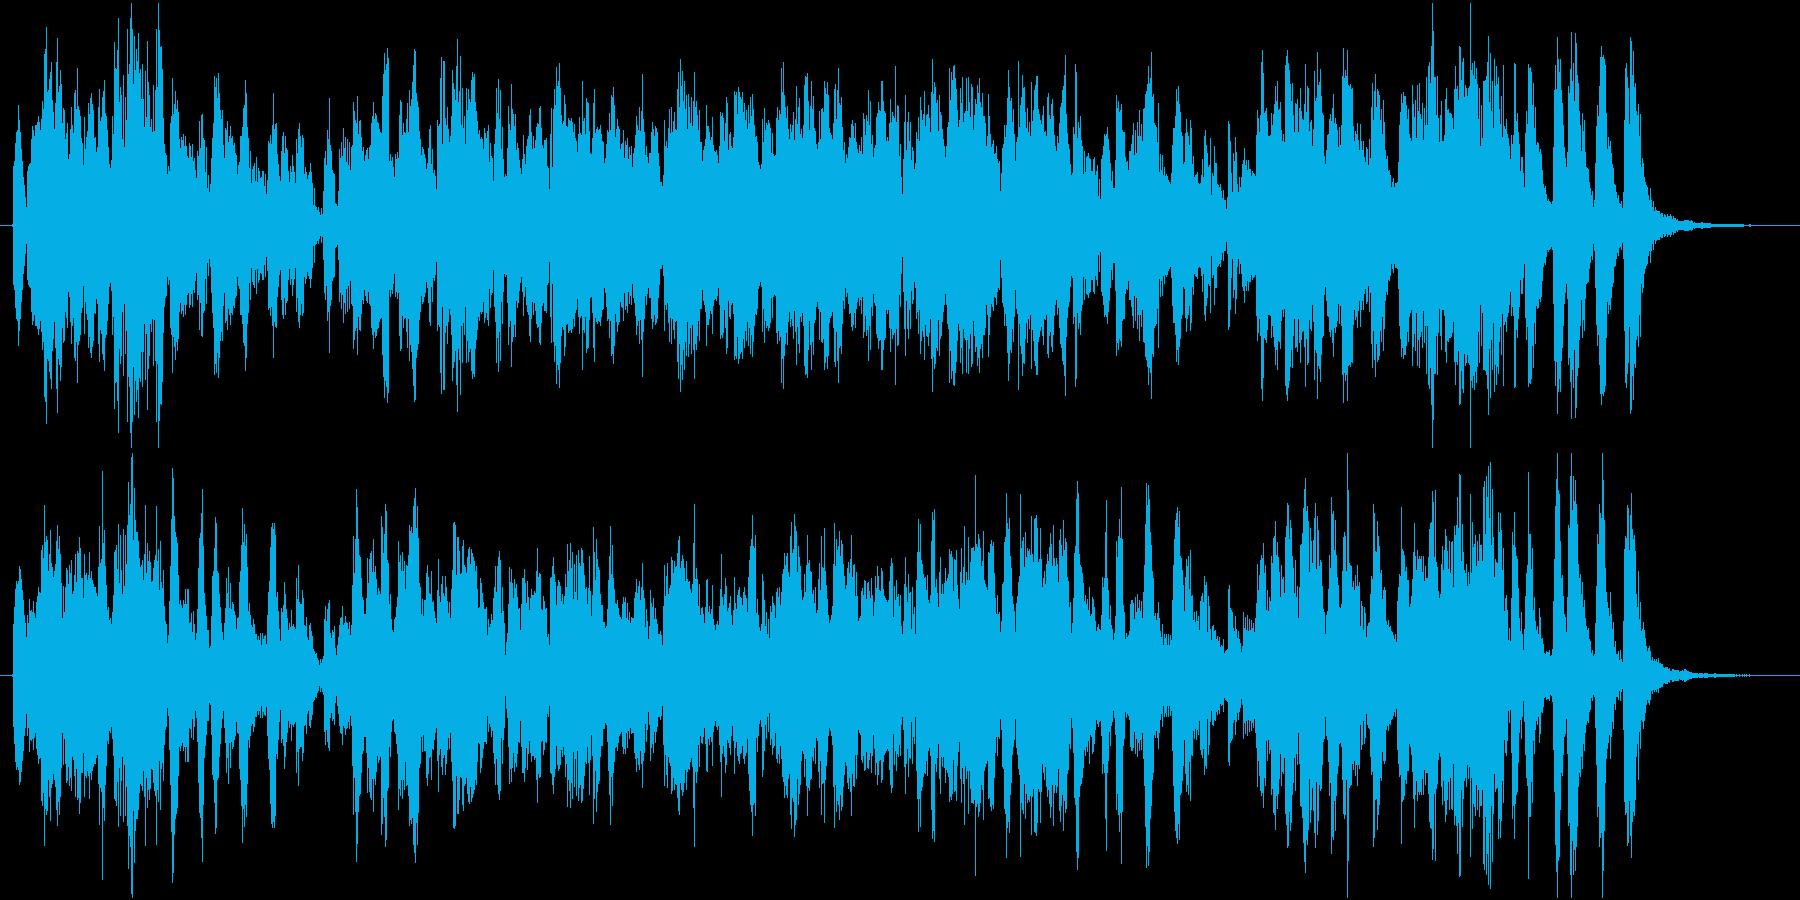 エレキピアノのかわいい軽快なジングルの再生済みの波形